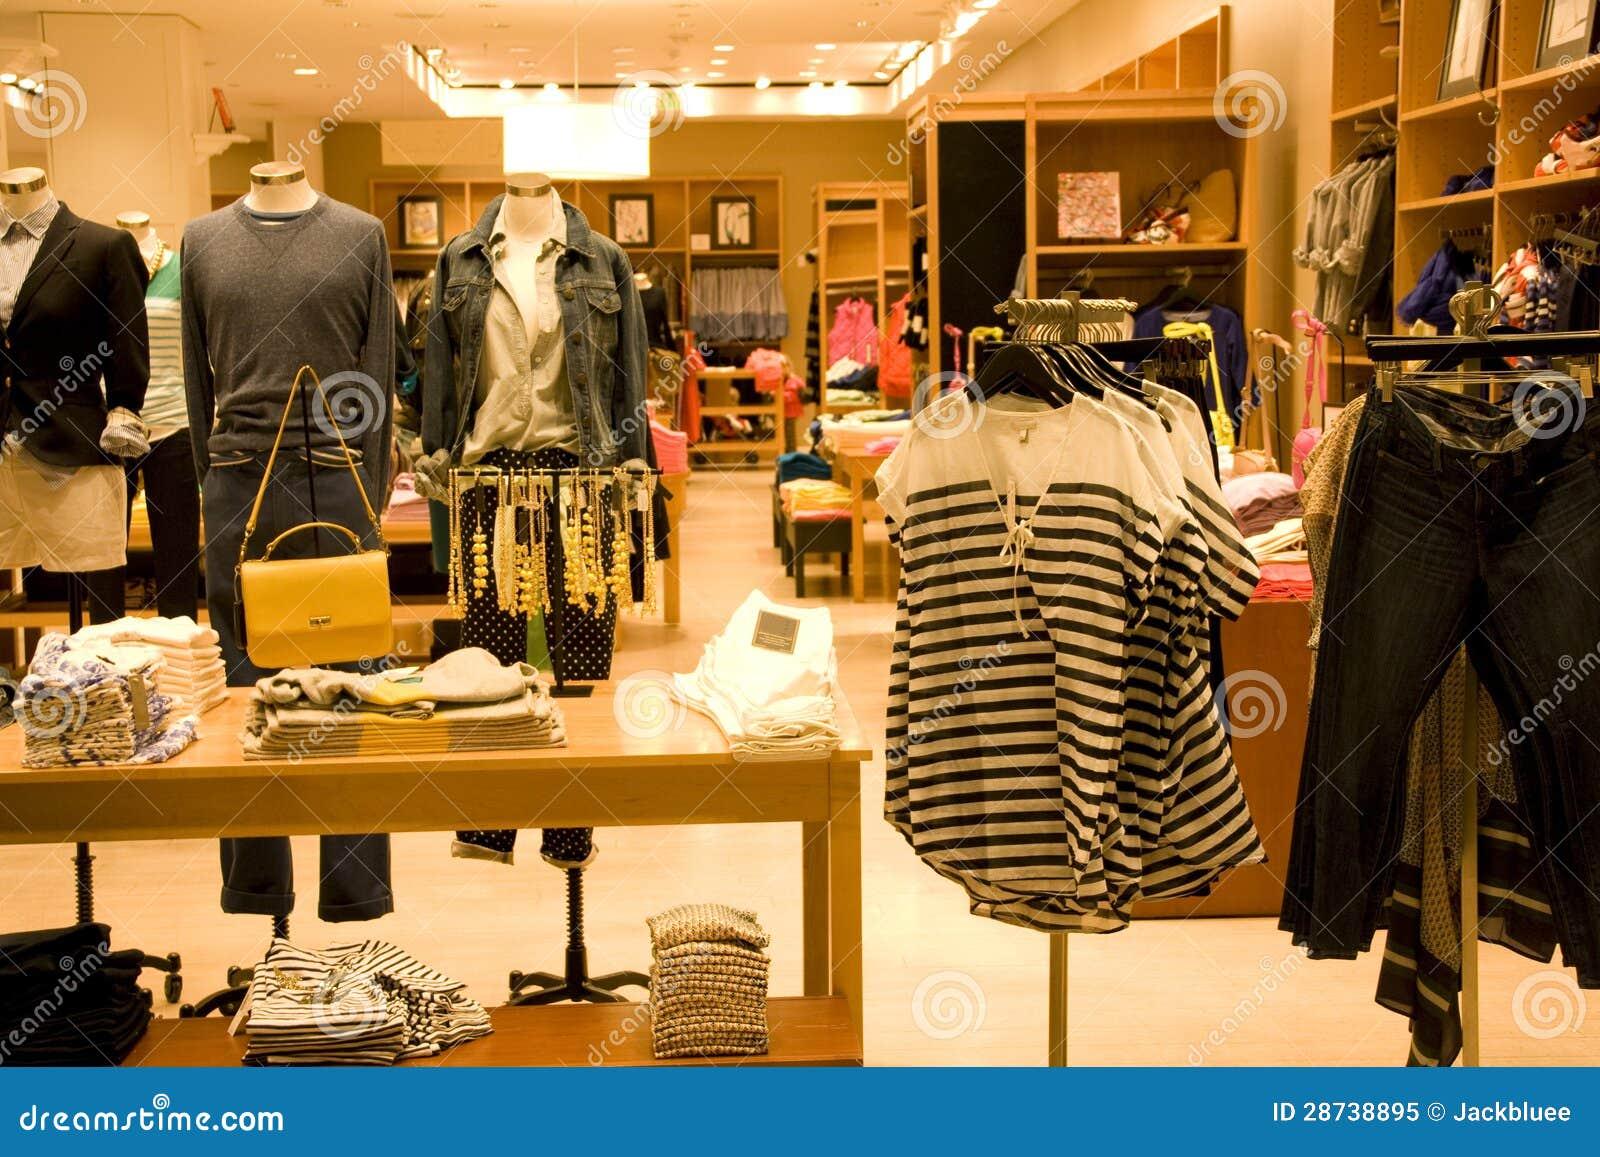 0a7ccc7e4 Tienda De Ropa Elegante Del Hombre Y De La Mujer Imagen de archivo ...